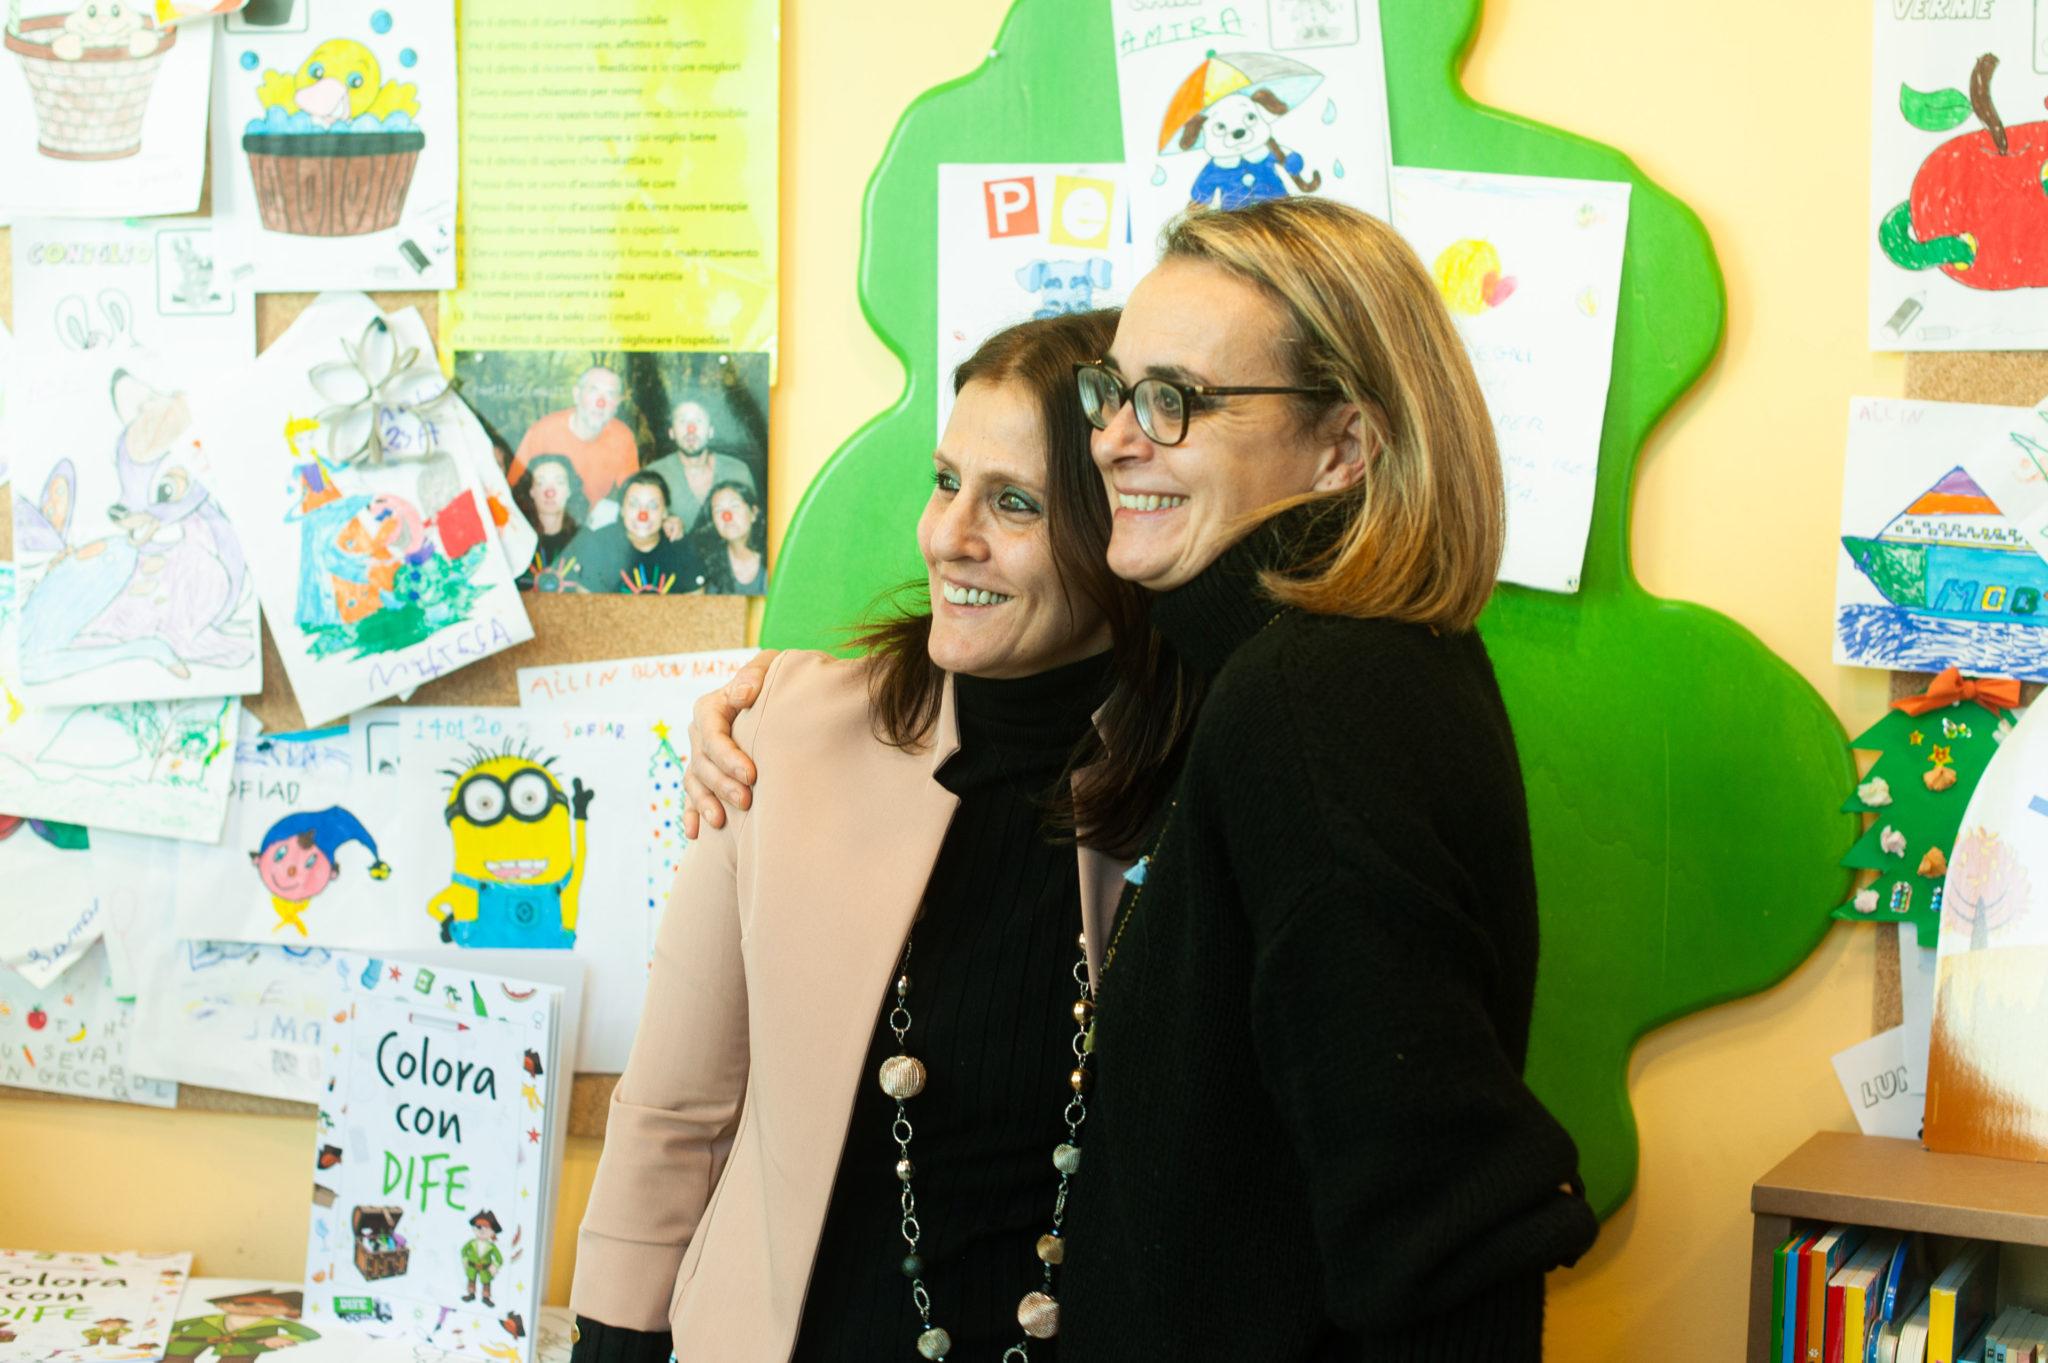 Maria Giovanna Seghi e Federica Iacomelli, Responsabili della libreria Giunti al Punto di Pistoia